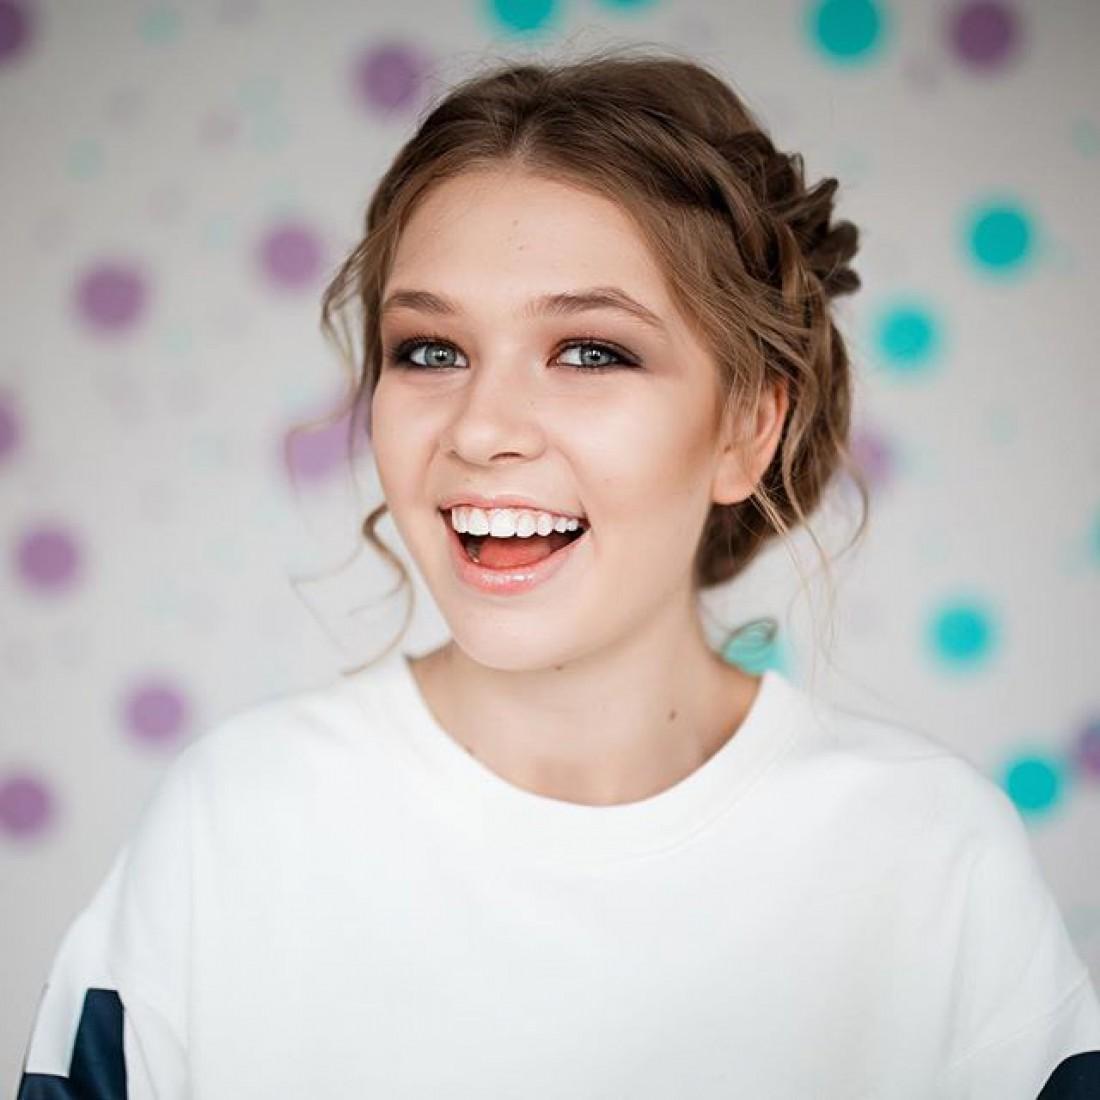 Соня Киперман – 15-летняя дочь Веры Брежневой